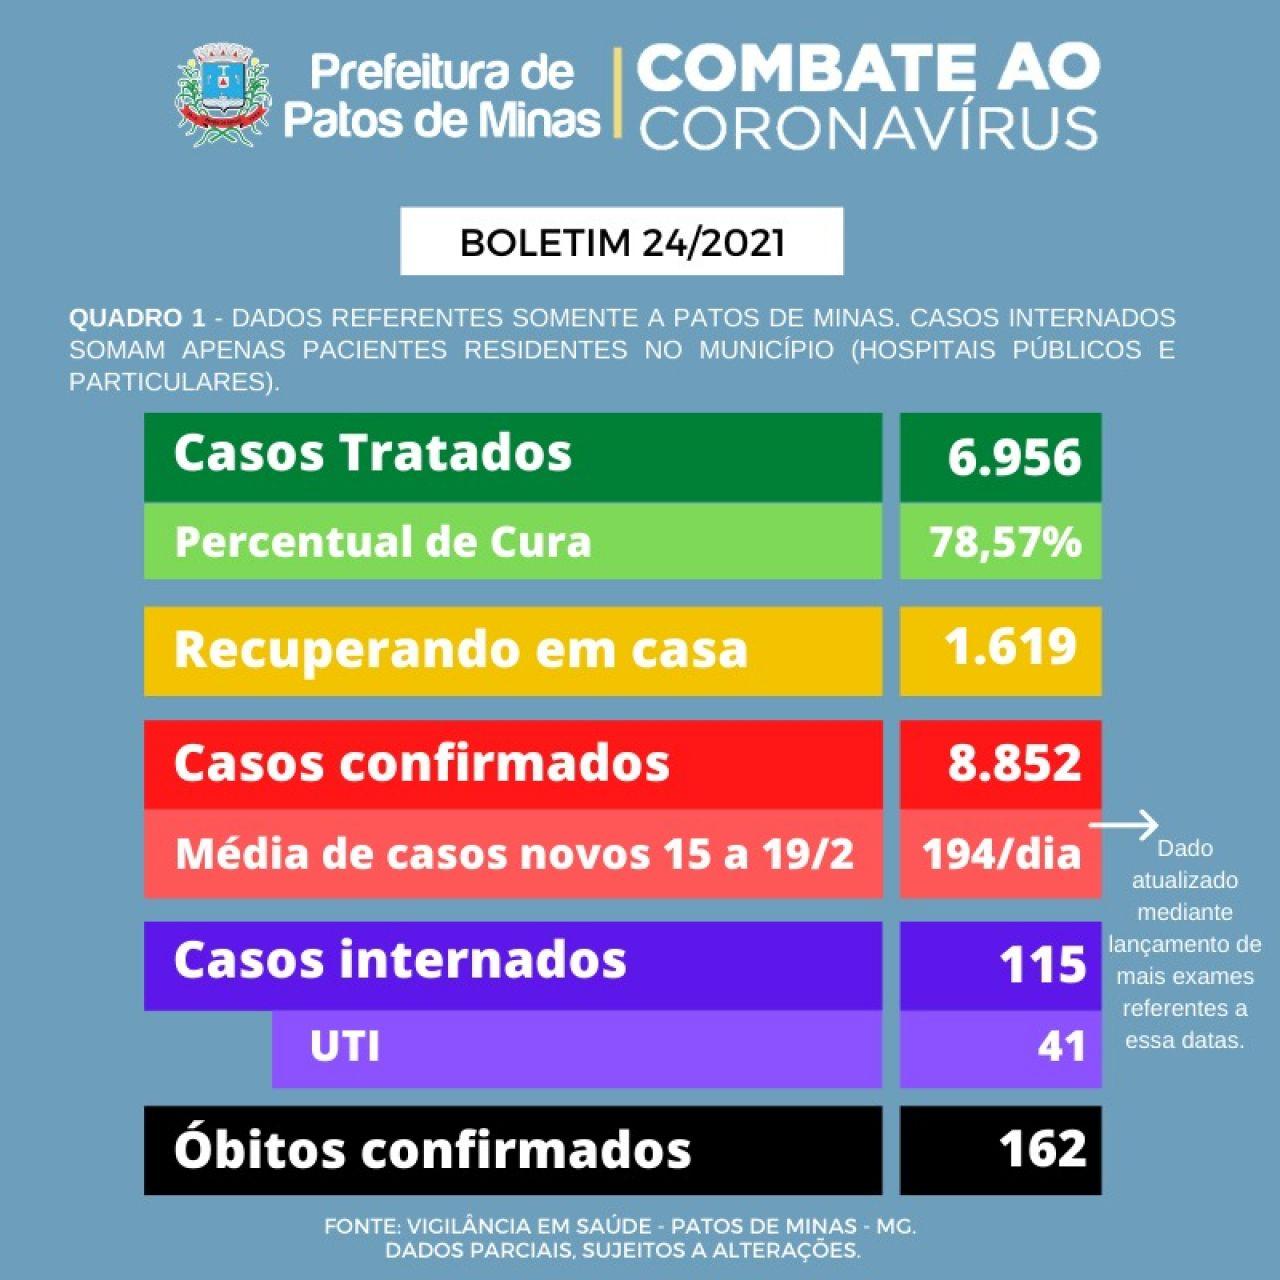 Covid-19: 6 novos óbitos são contabilizados e total chega a 162